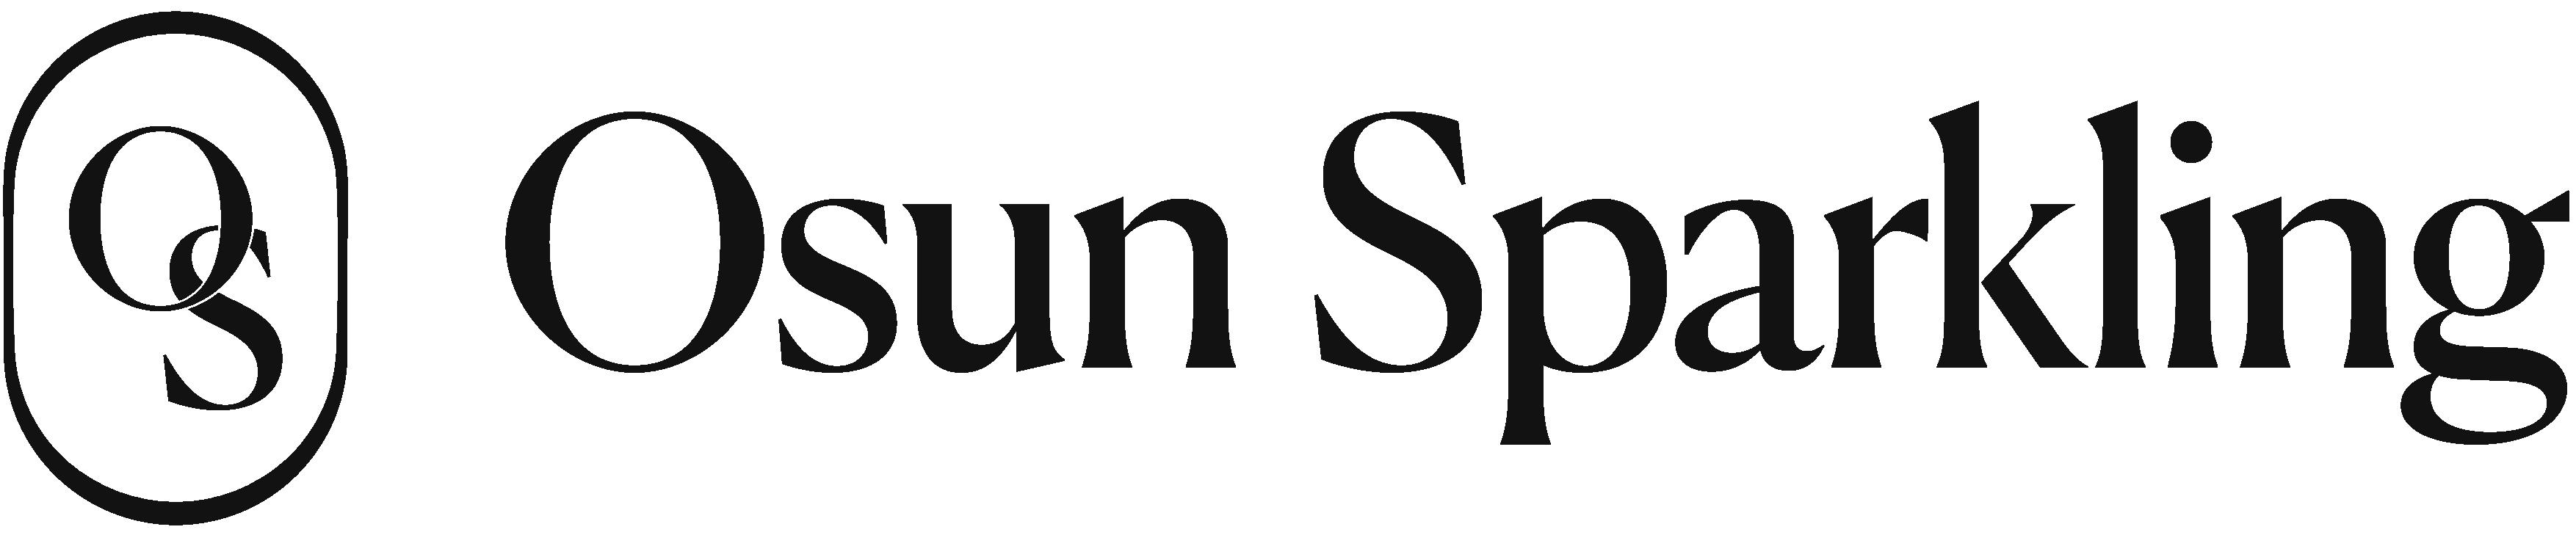 Osun Sparkling